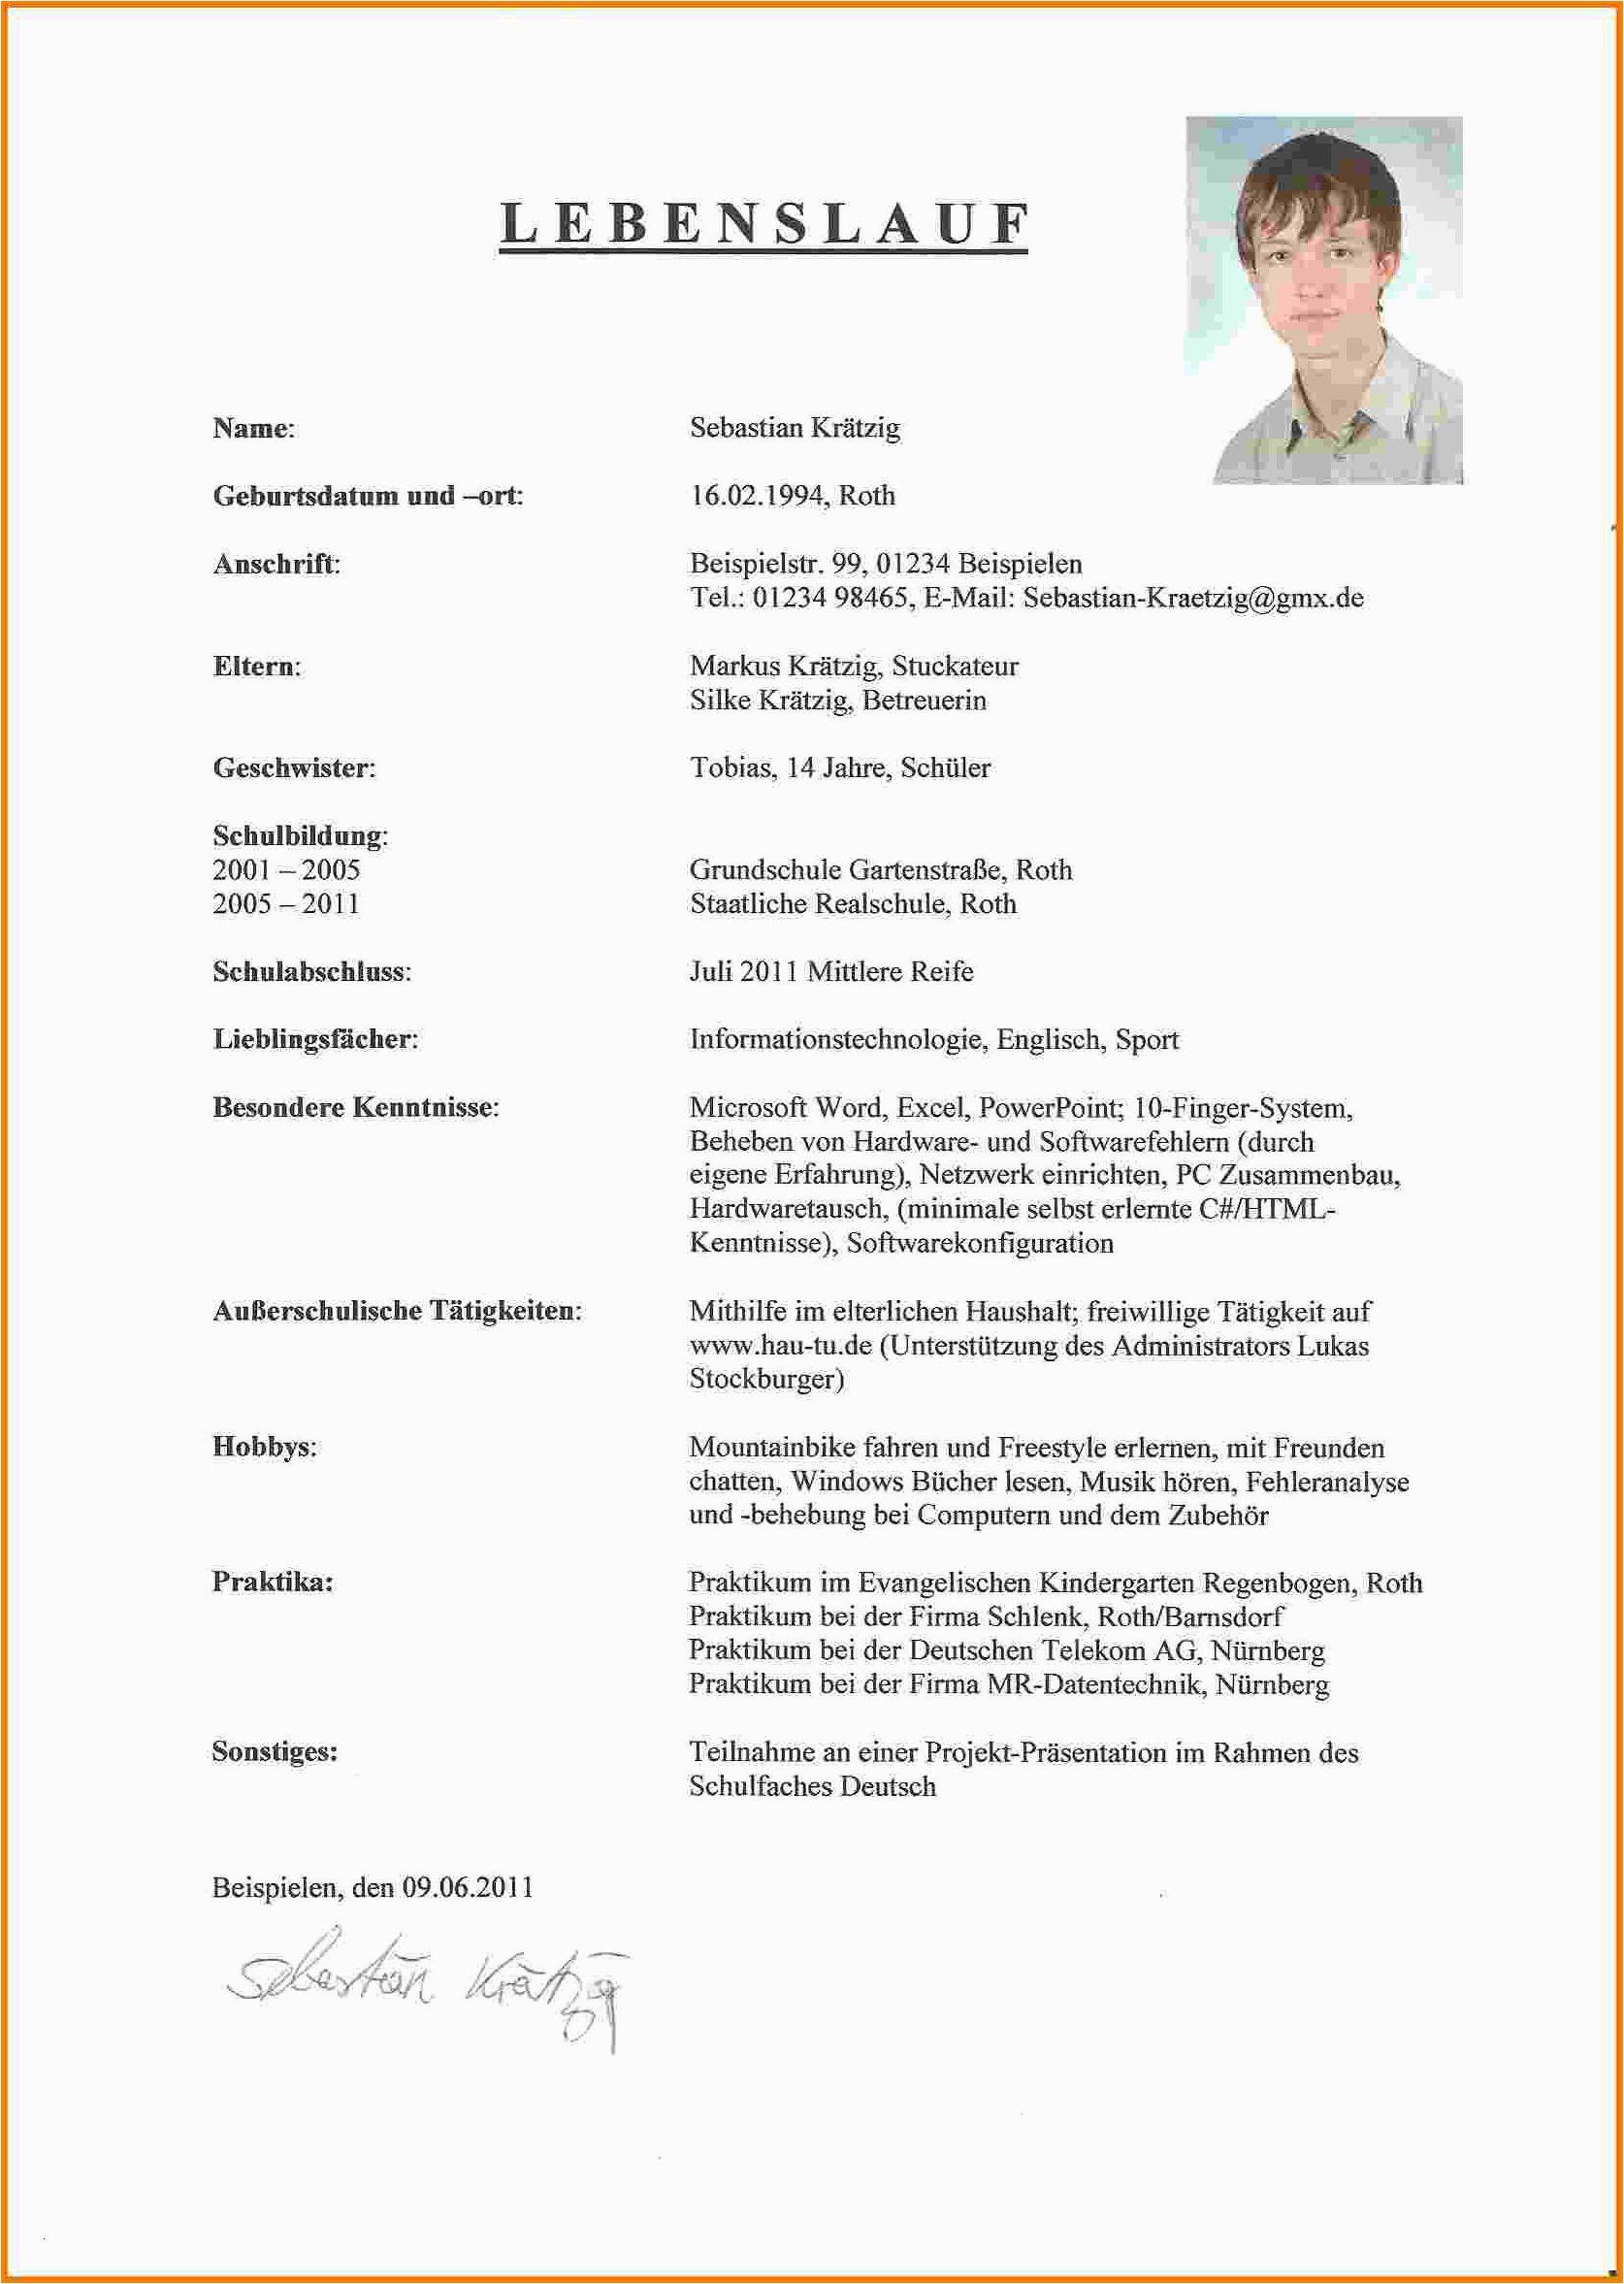 Lebenslauf Englisch Promotion In 2020 Lebenslauf Vorlagen Lebenslauf Lebenslauf Fur Schuler